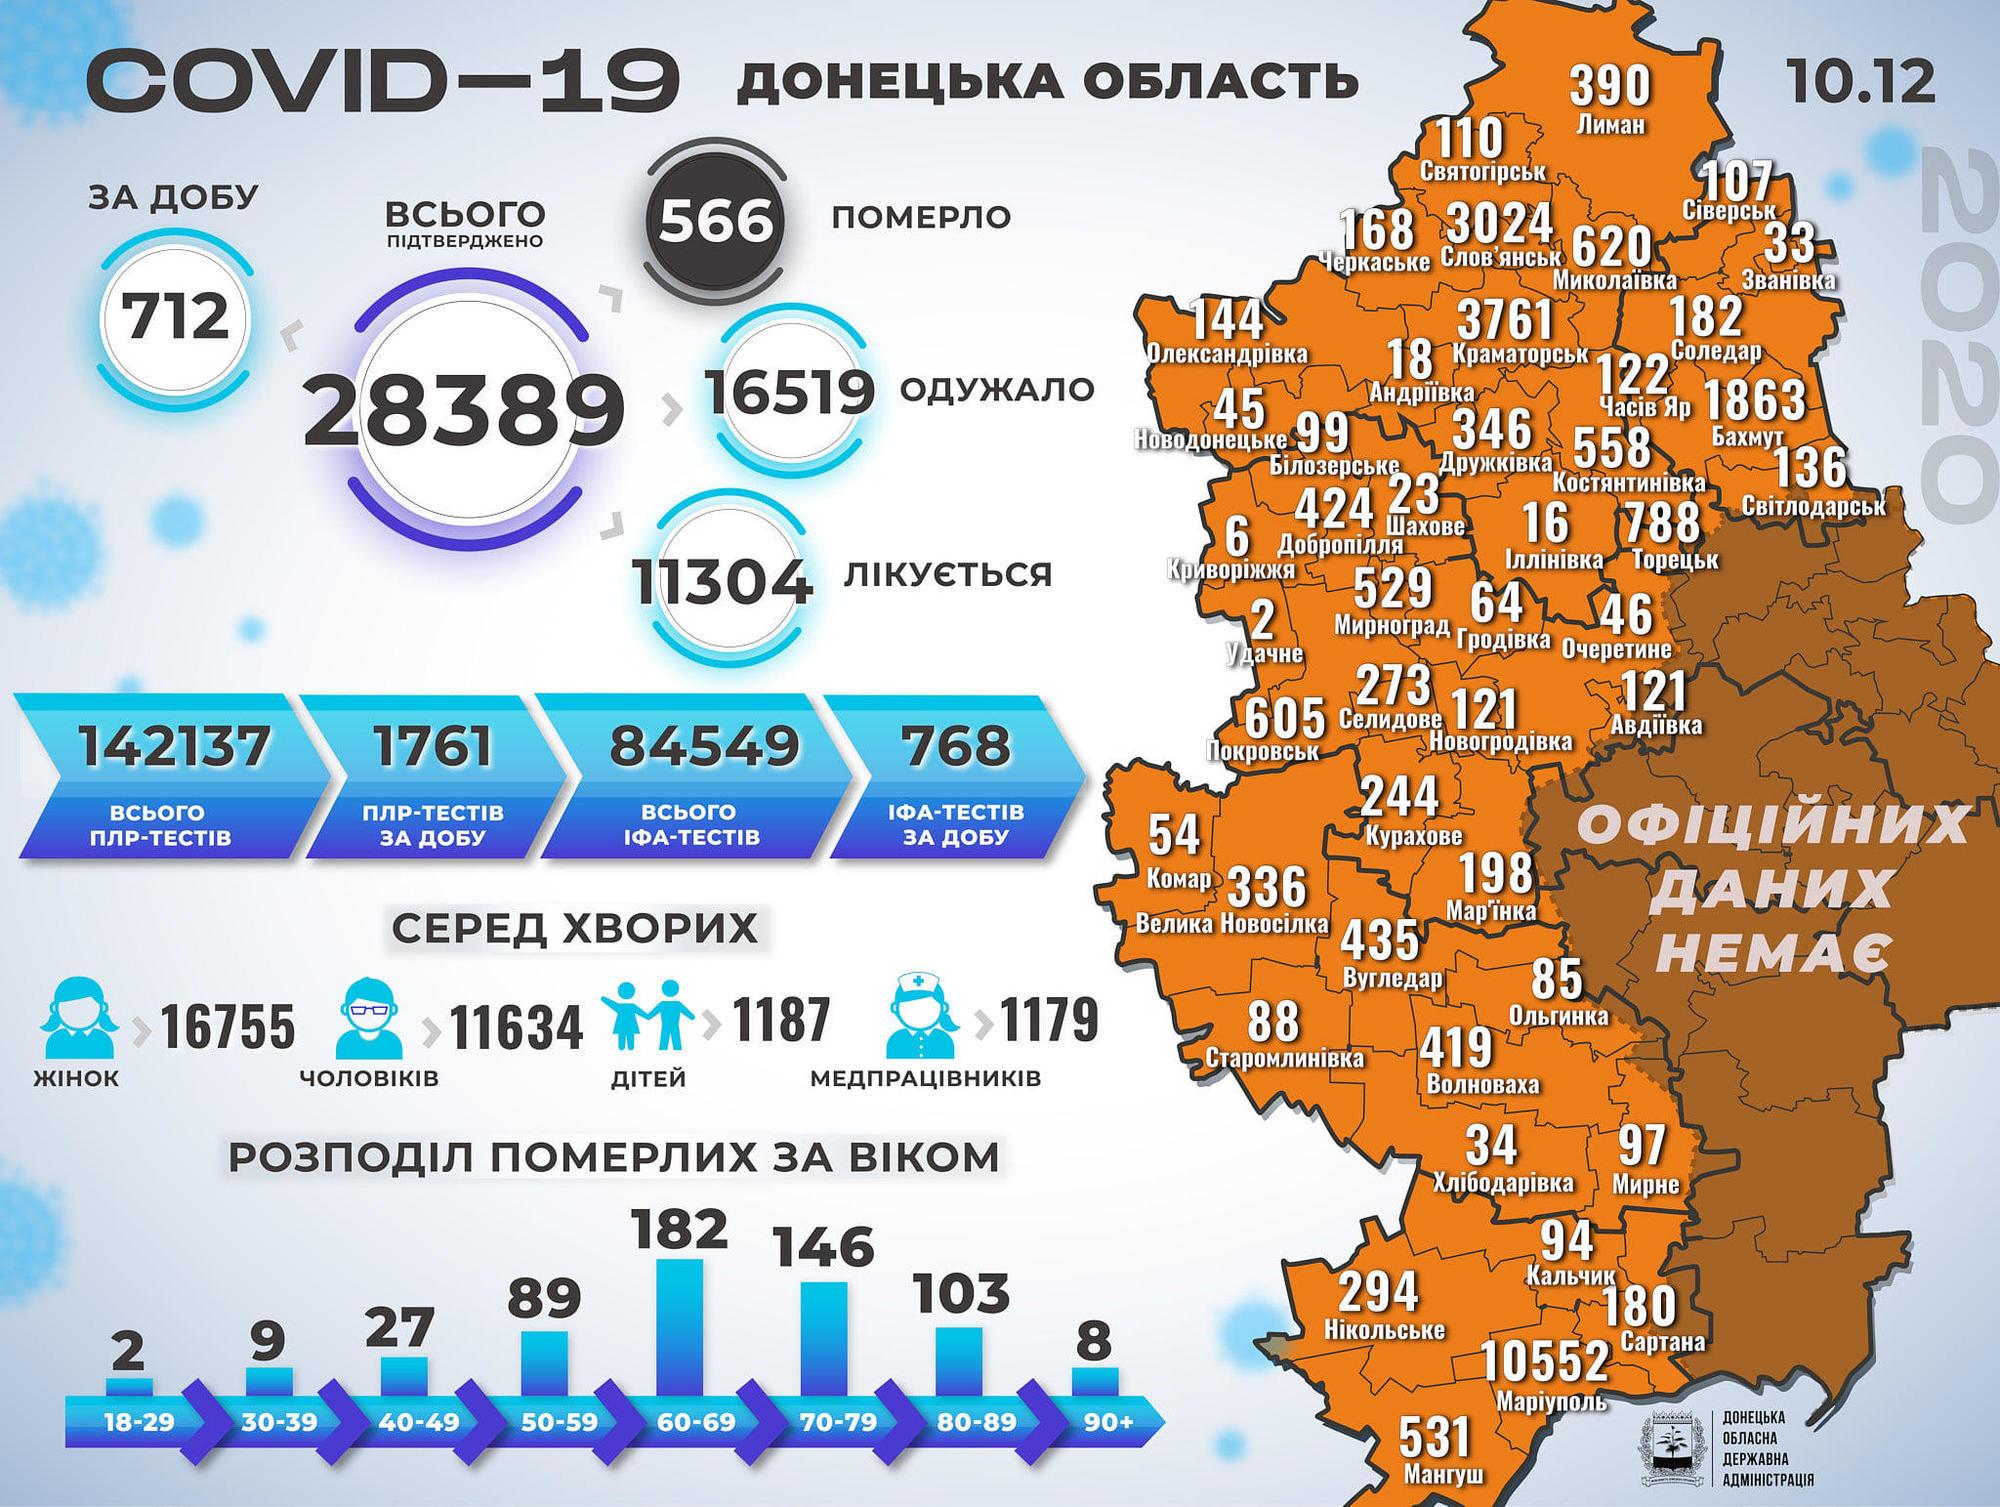 COVID-19 : на Донеччині за день додалося ще понад 700 пацієнтів